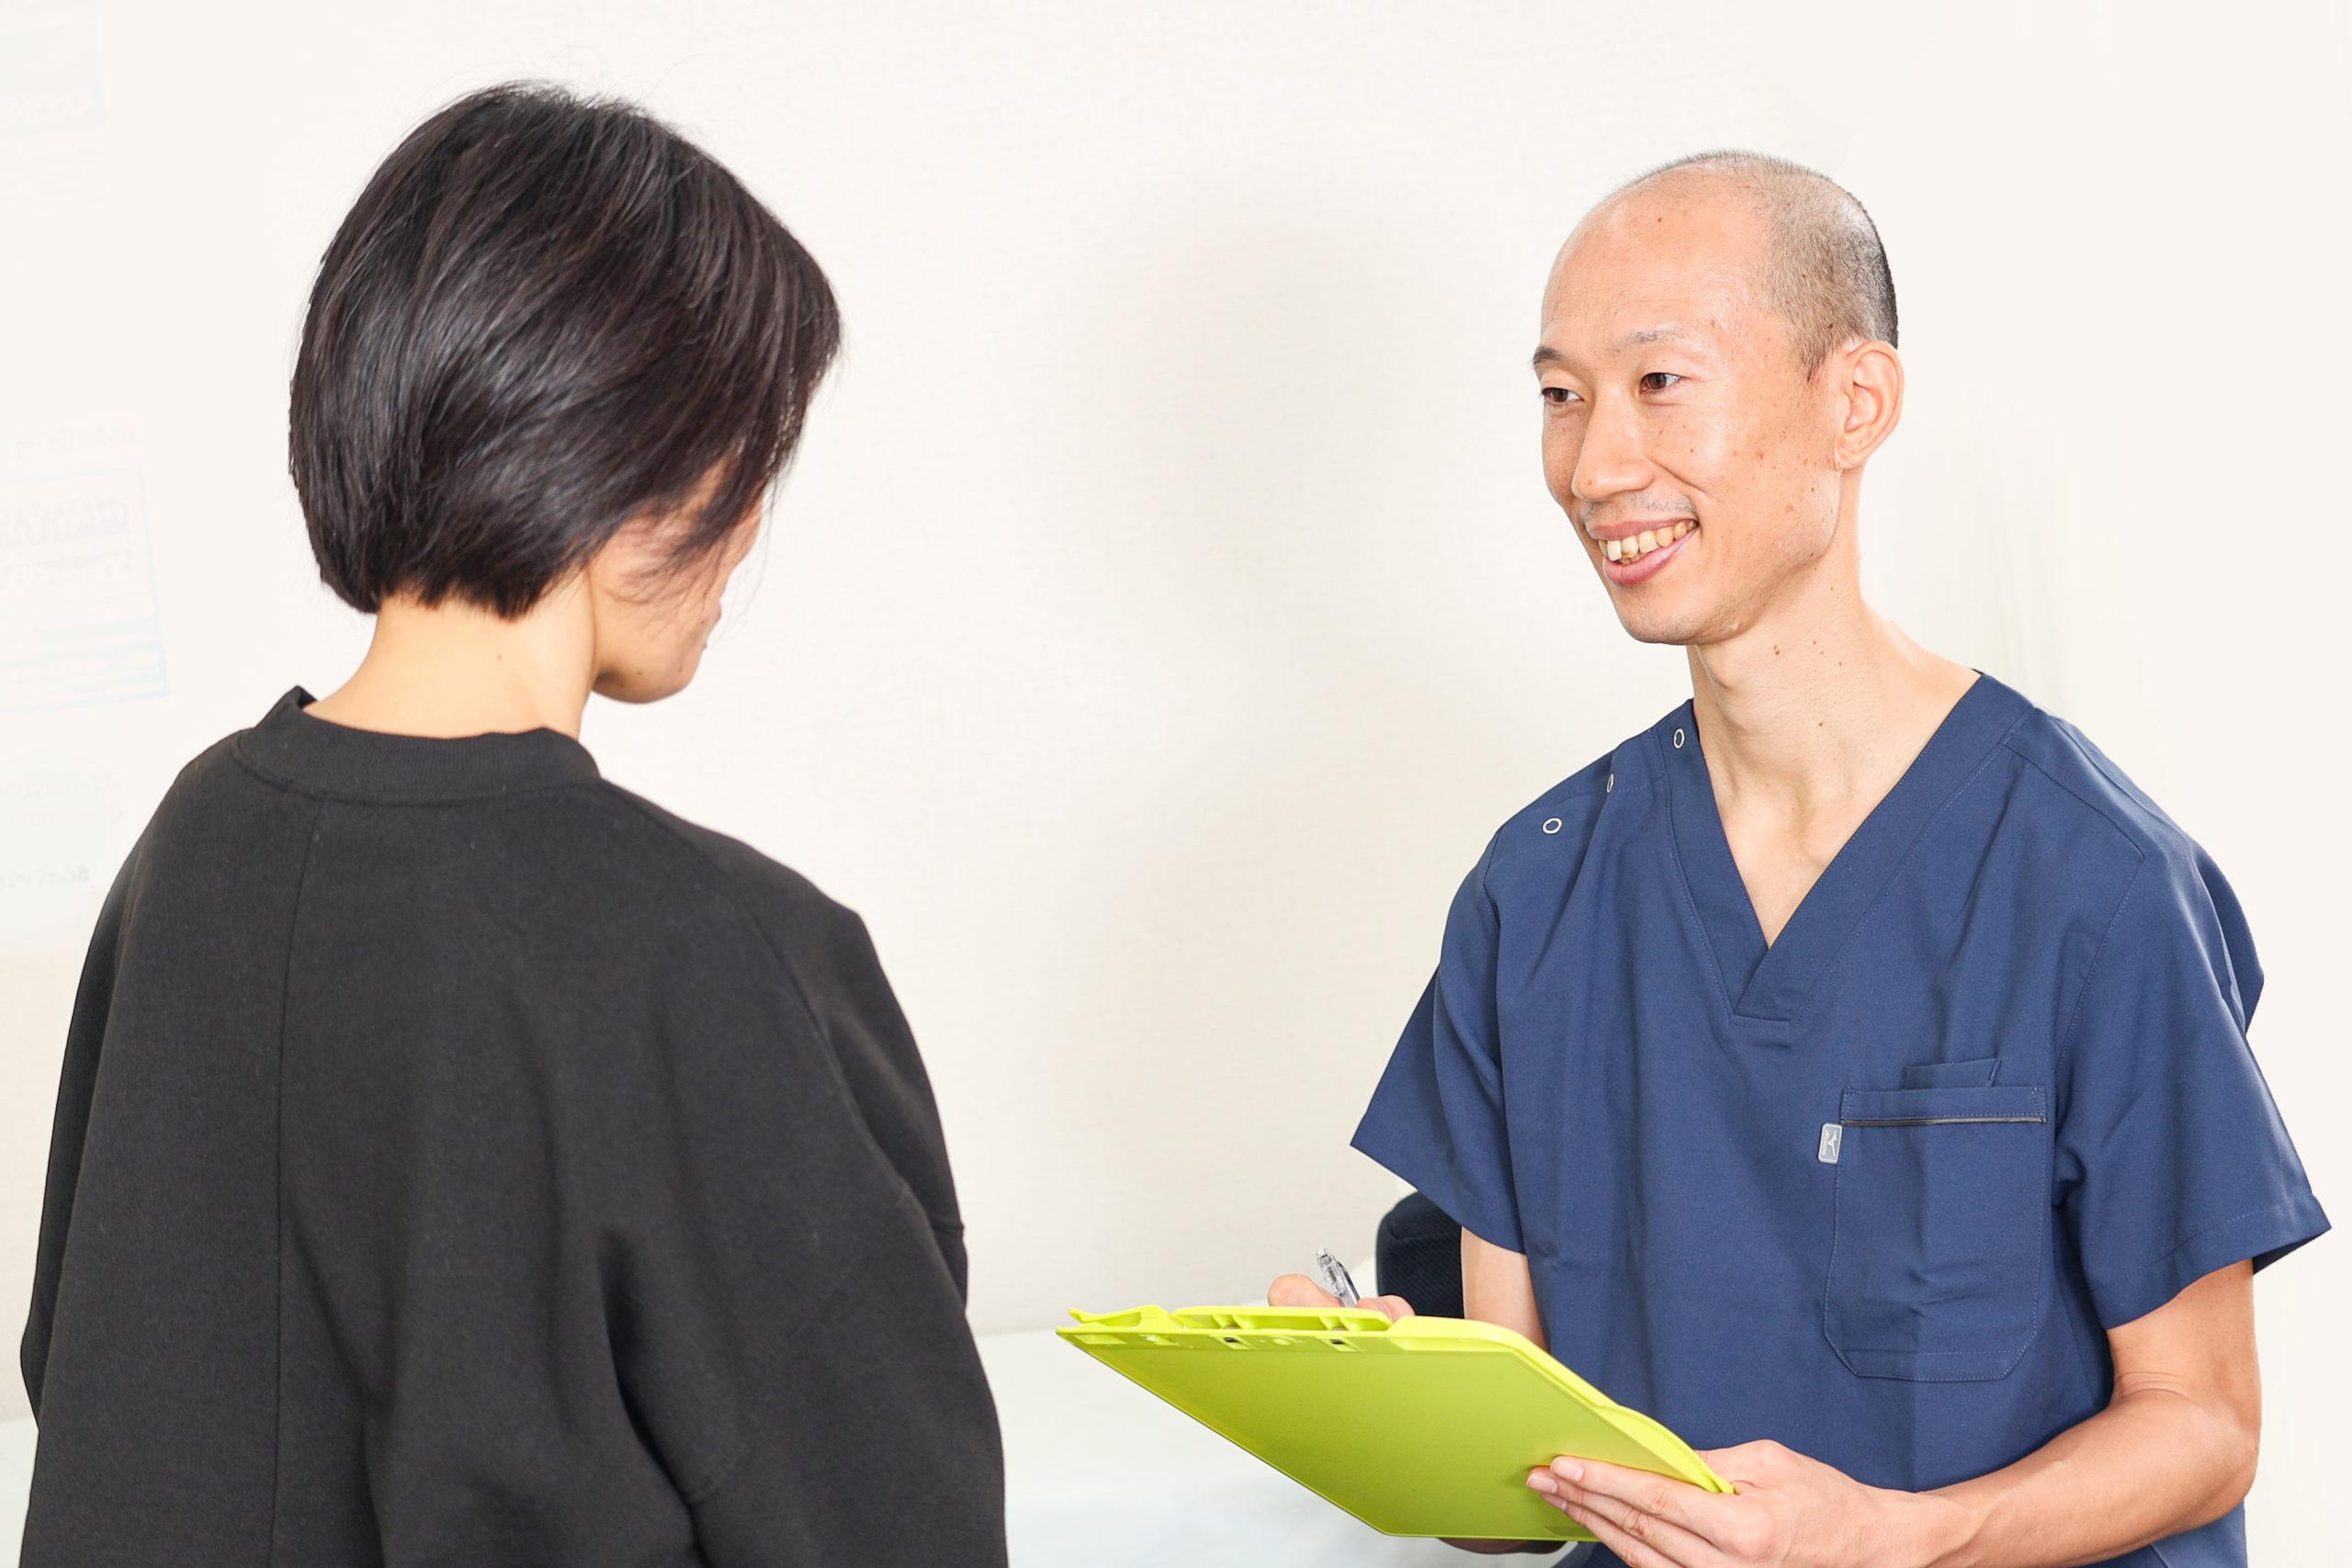 問診で患者様にどんな痛みや不調があるのか詳細に聞いている院長